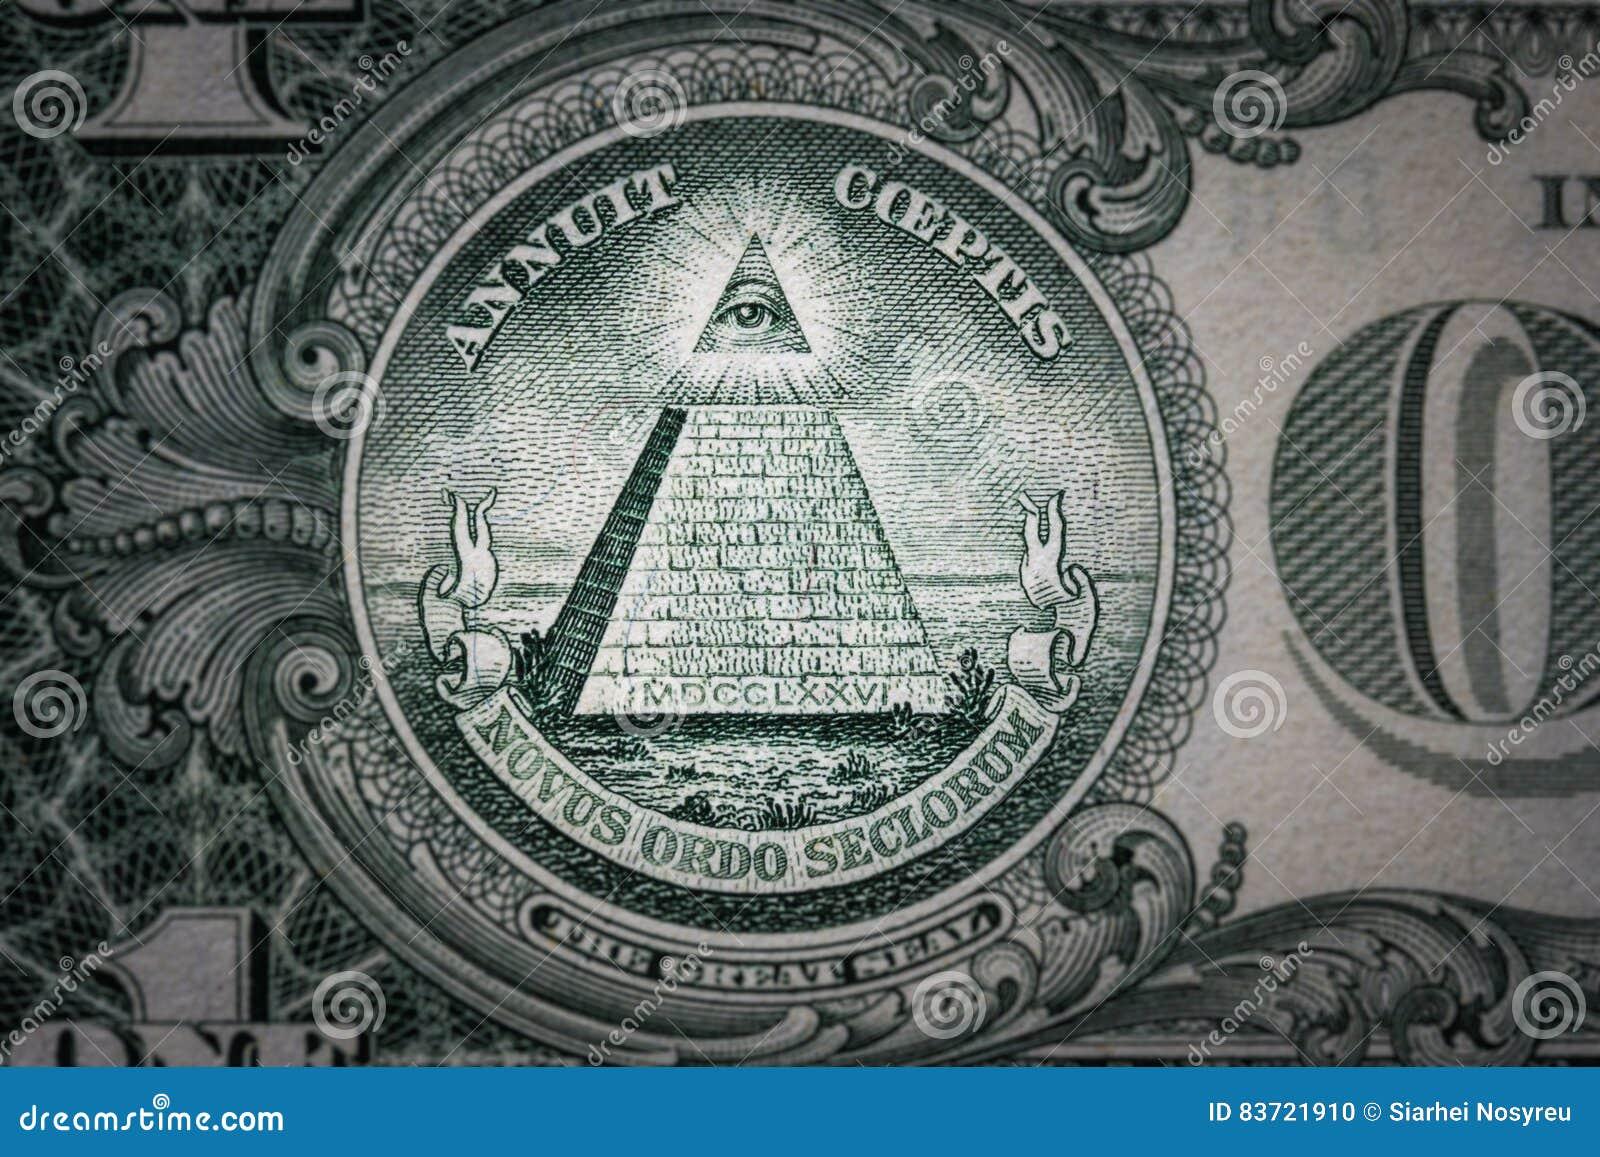 Wszystkowidzący oko na jeden dolarze nowy porządek świata elita charaktery dolar 1